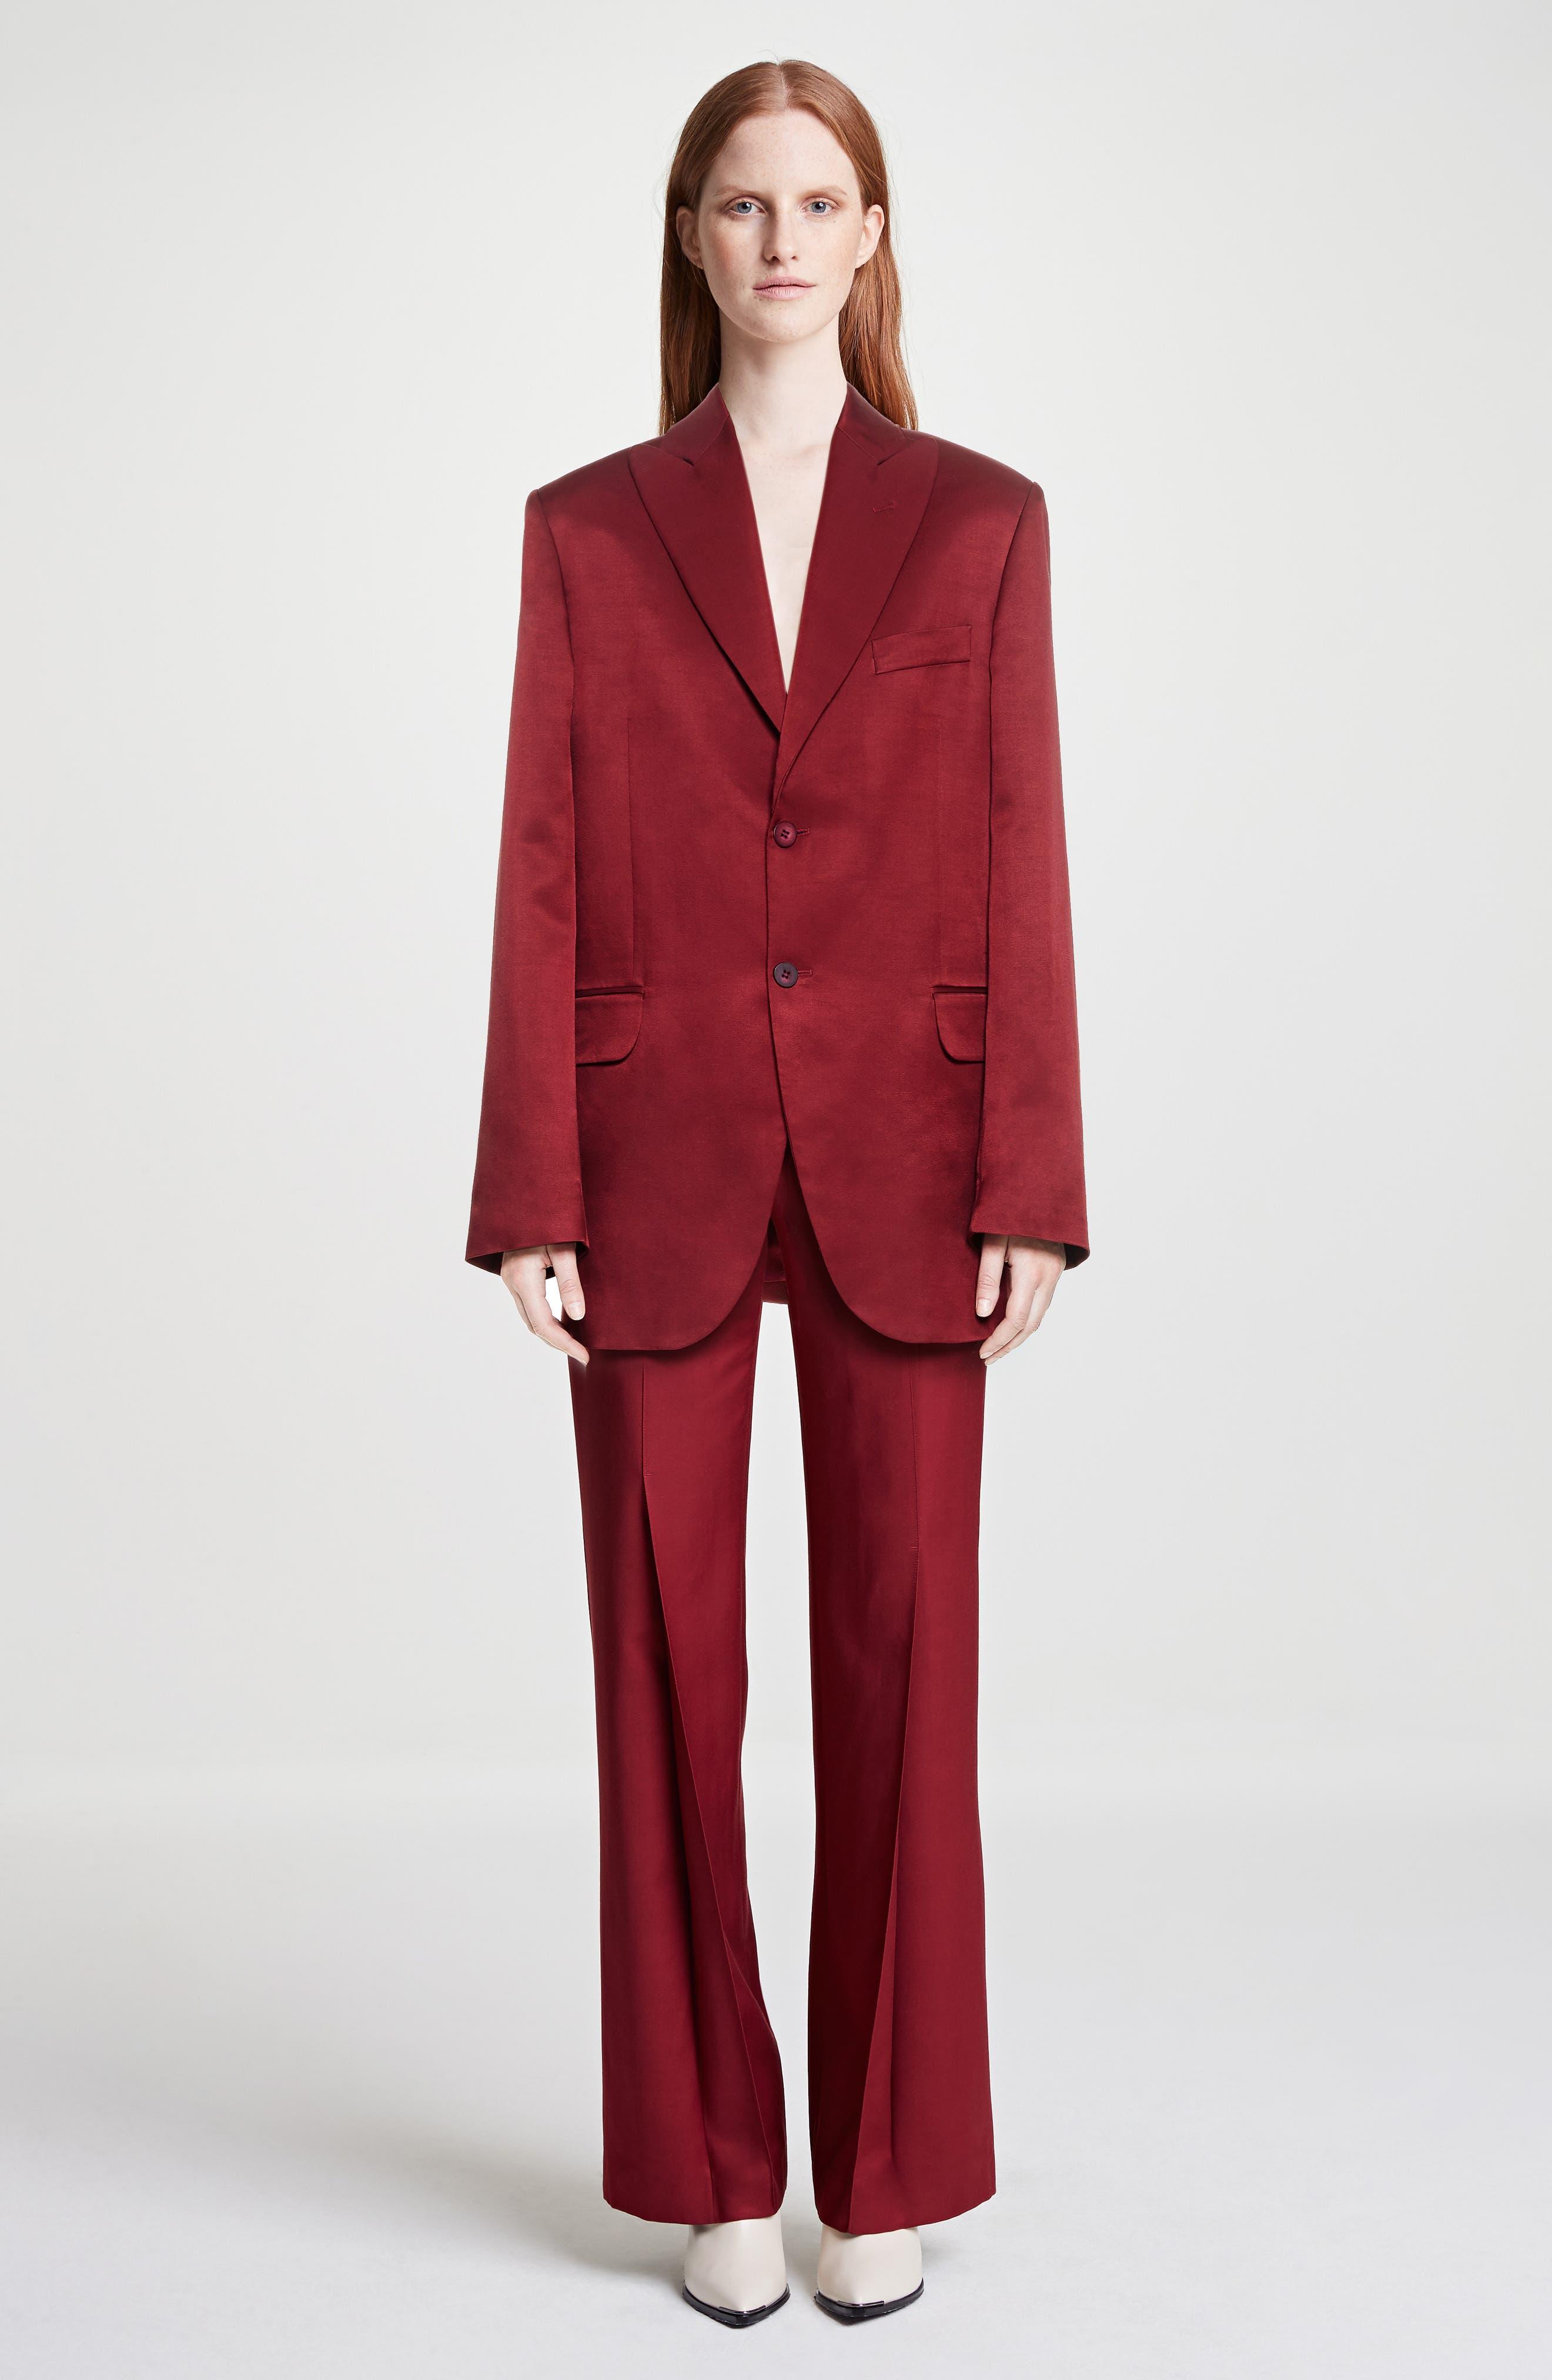 Jaria Suit Jacket,                             Alternate thumbnail 2, color,                             Crimson Red